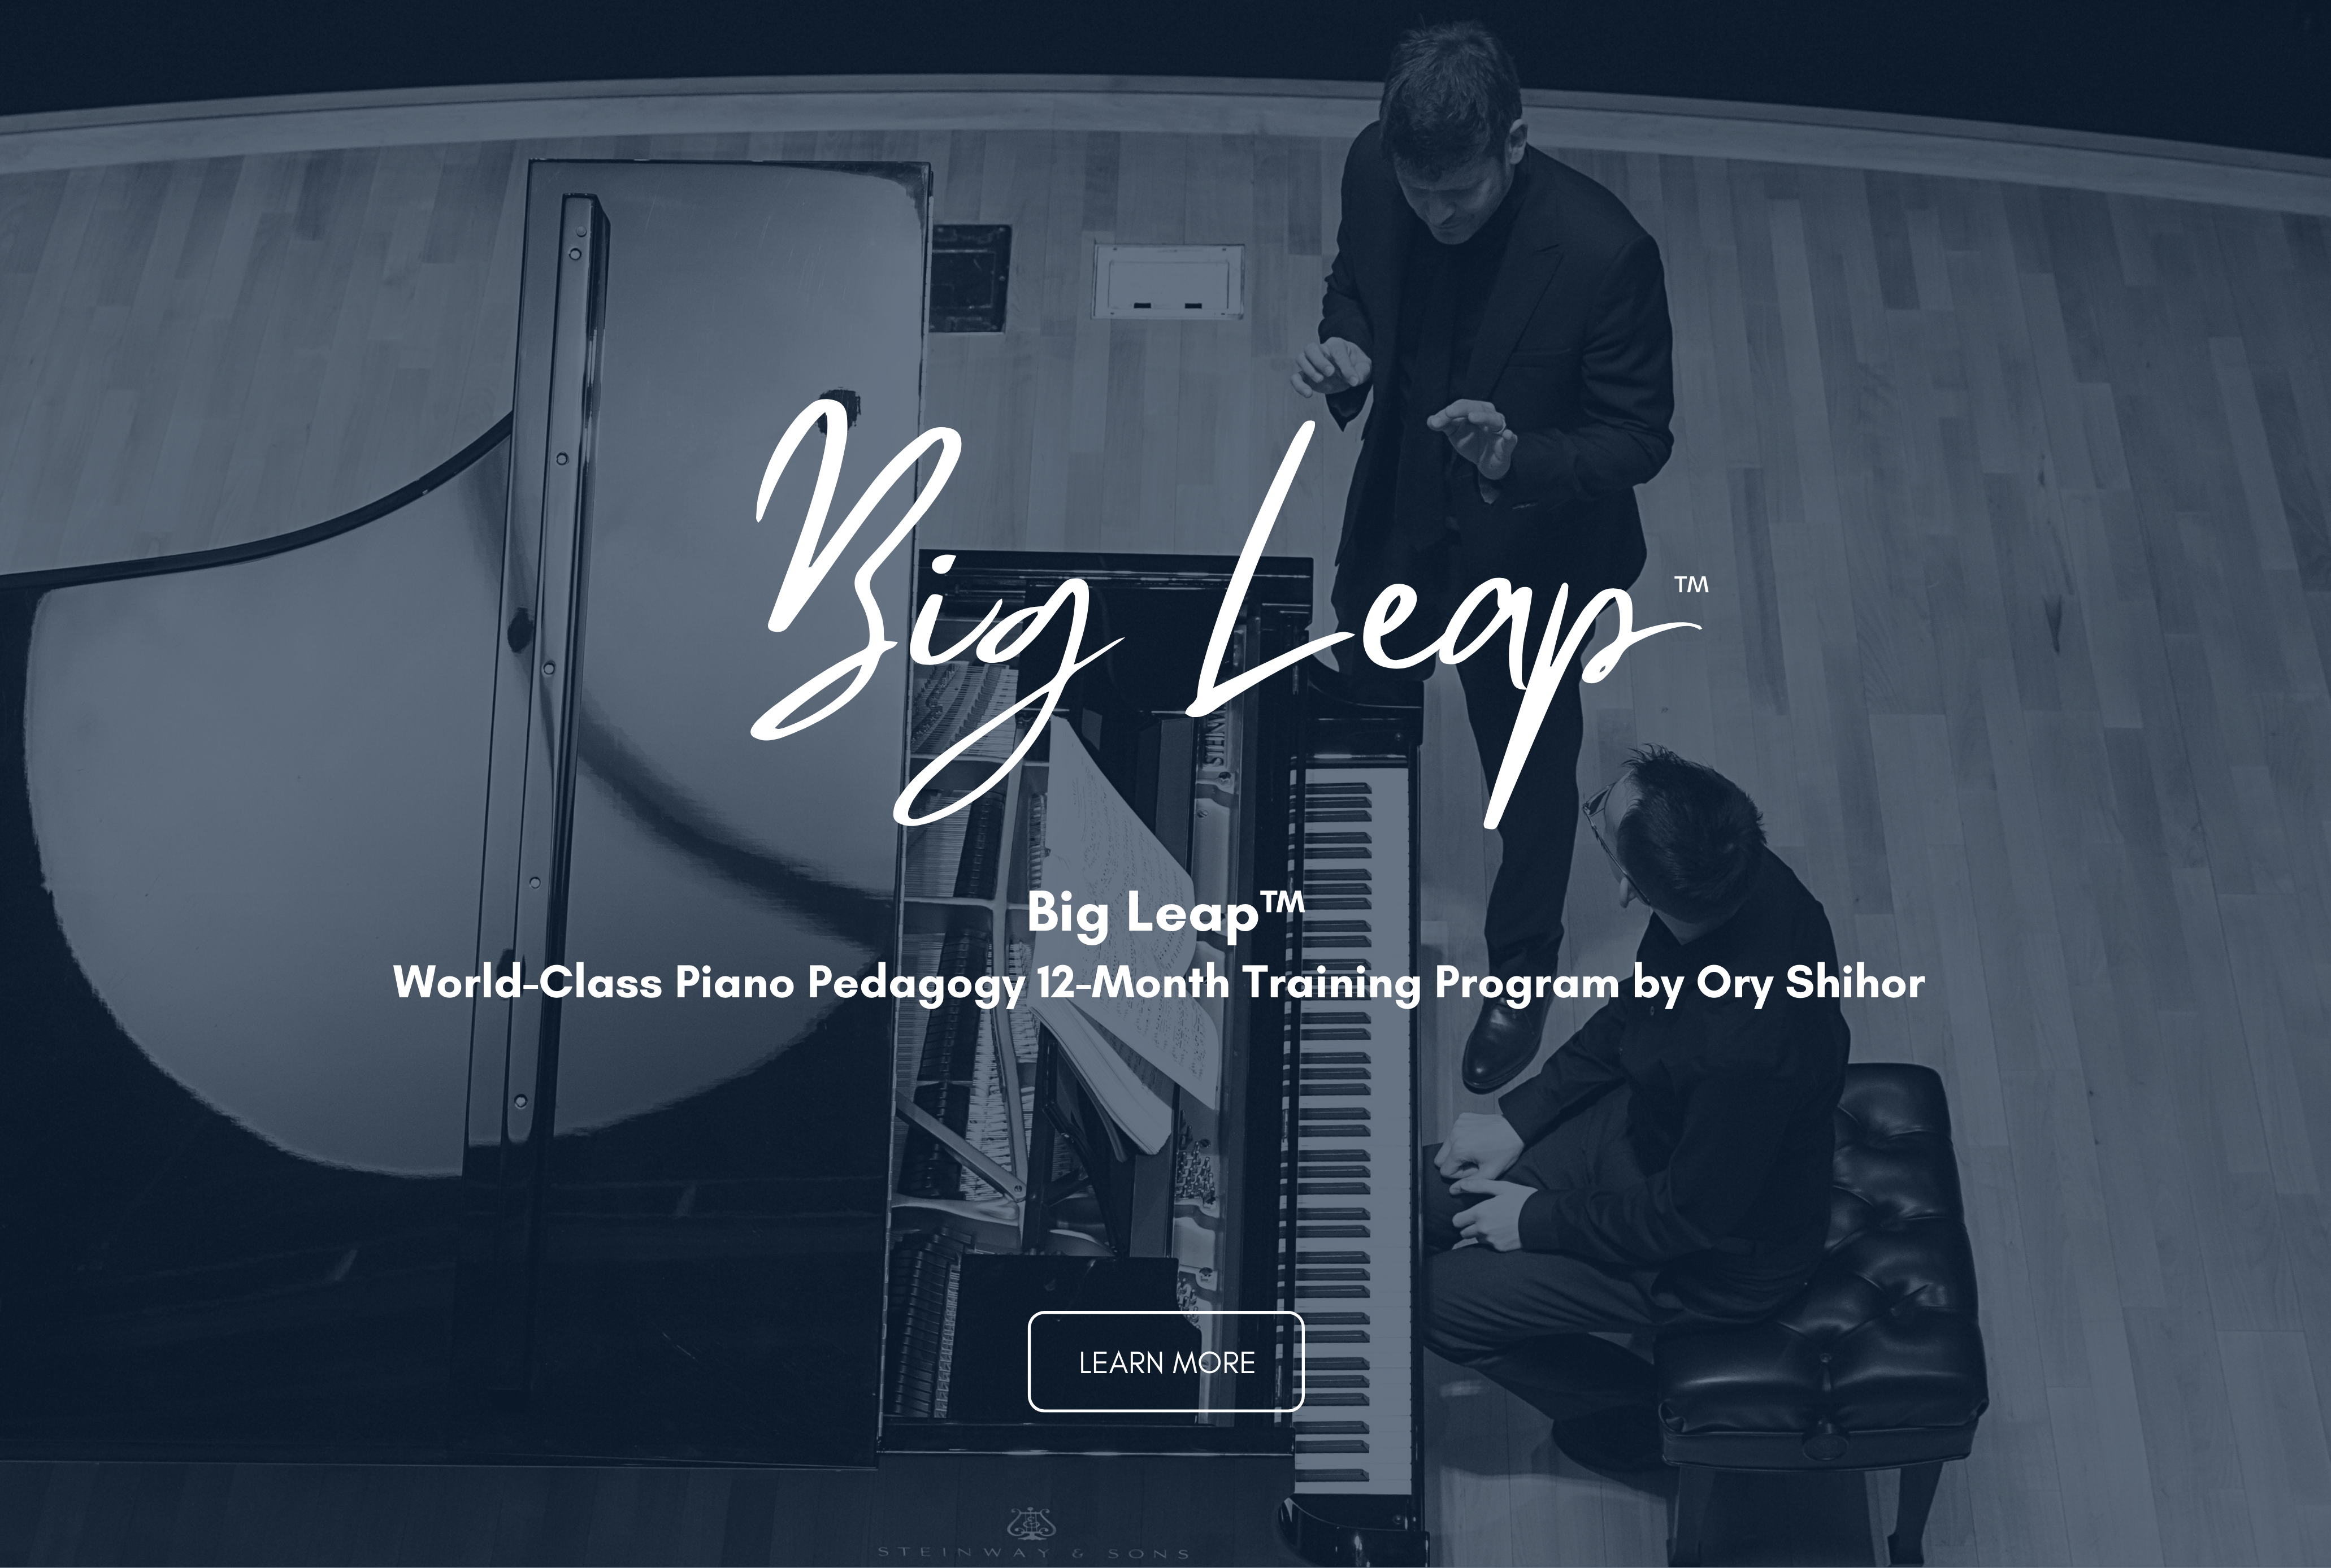 Ory Shihor Piano Pedagogy Big Leap